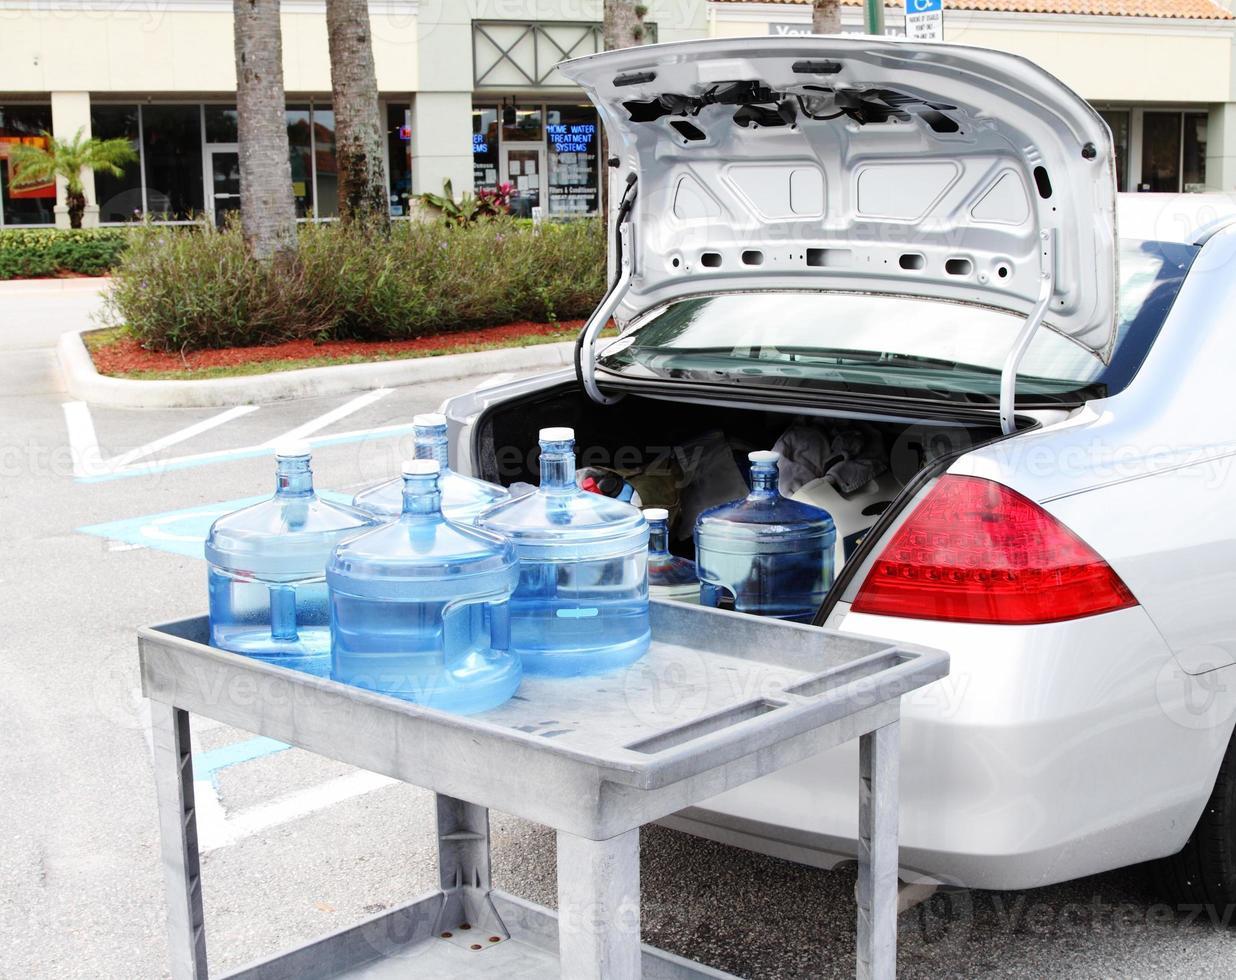 ramasser de l'eau potable fraîche photo